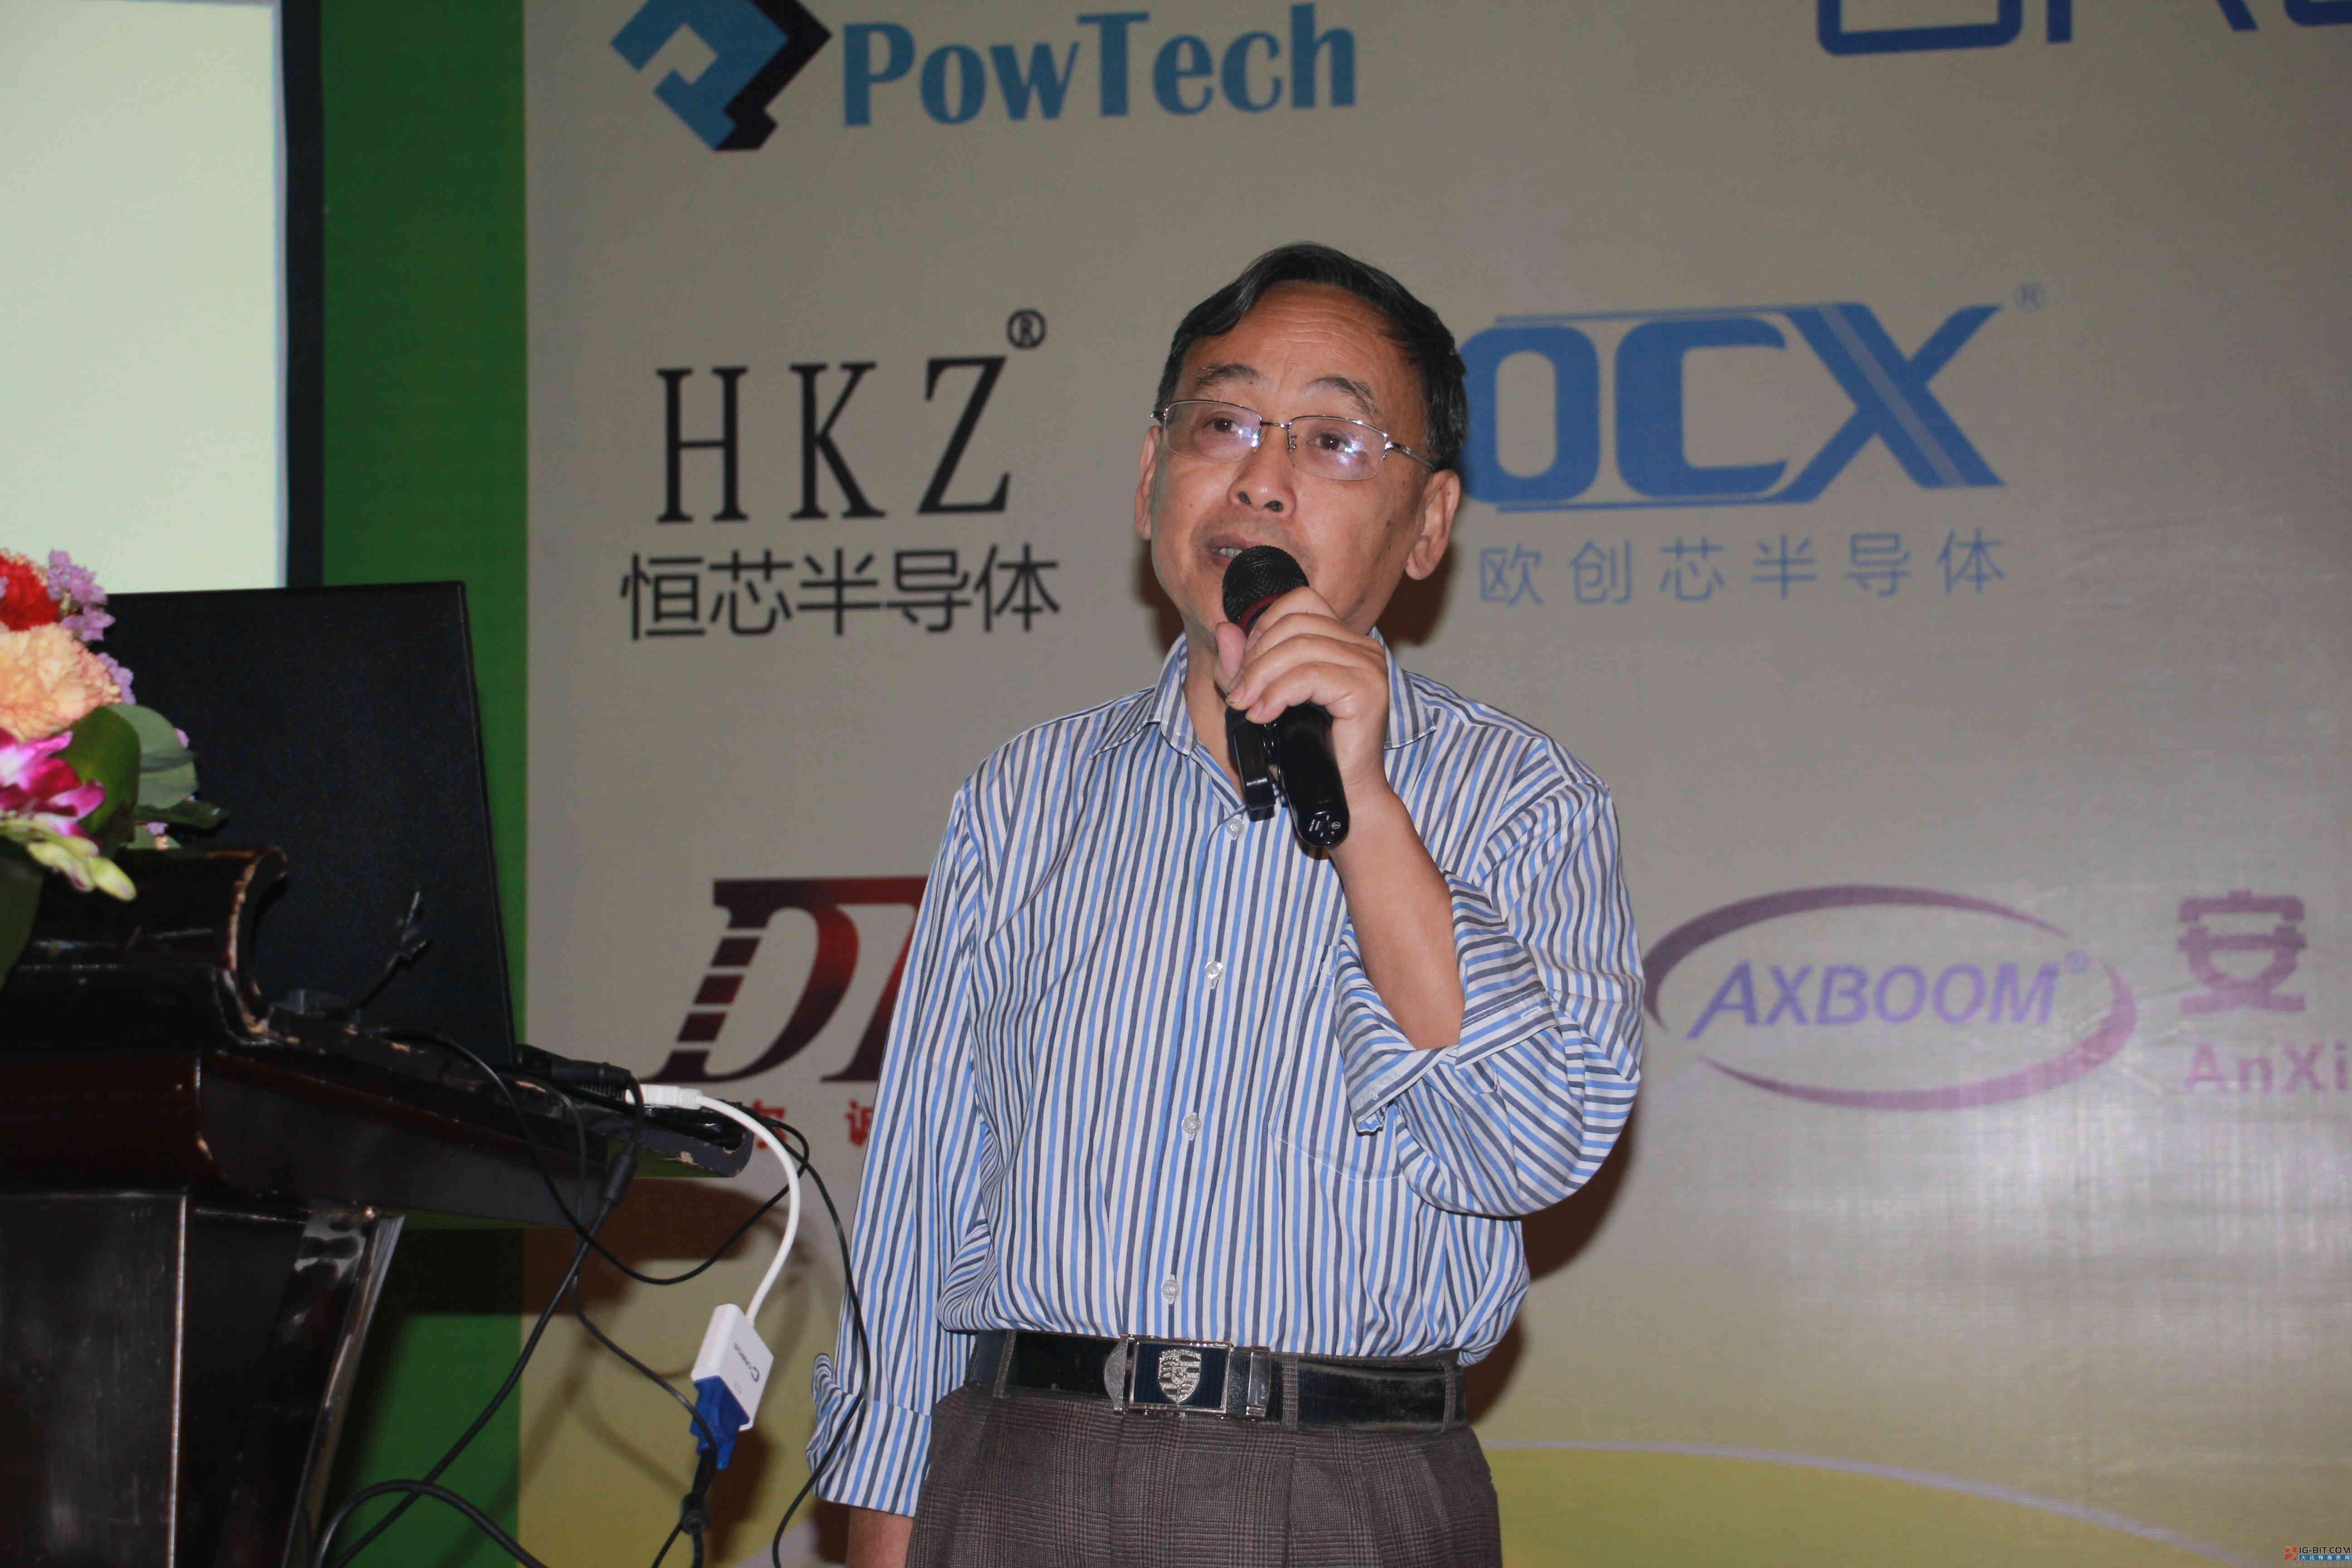 北京大学上海微电子研究院颜重光教授